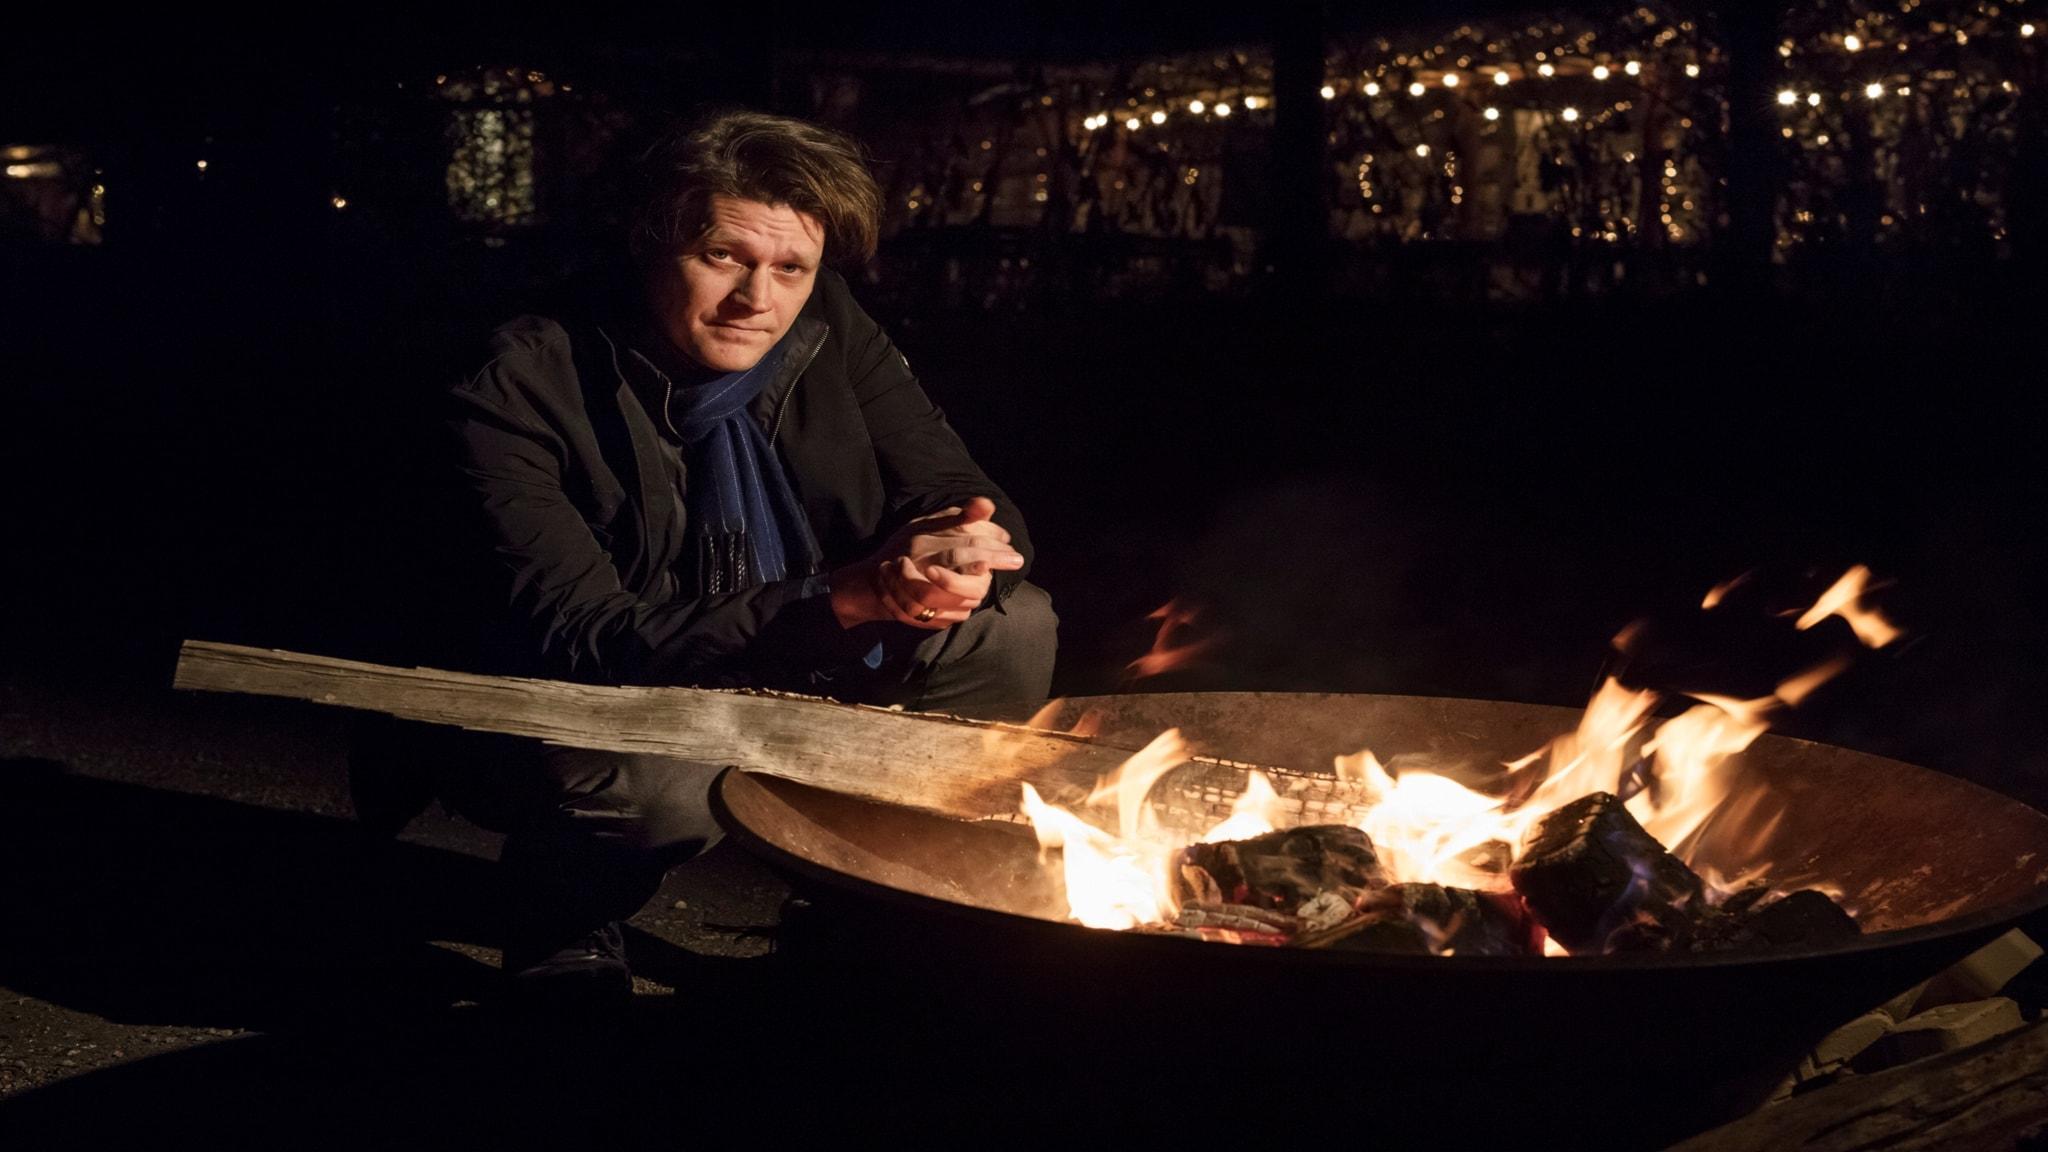 Det brinner en eld med Daniel Sjölin del 2: Elden - förvandlaren - spela